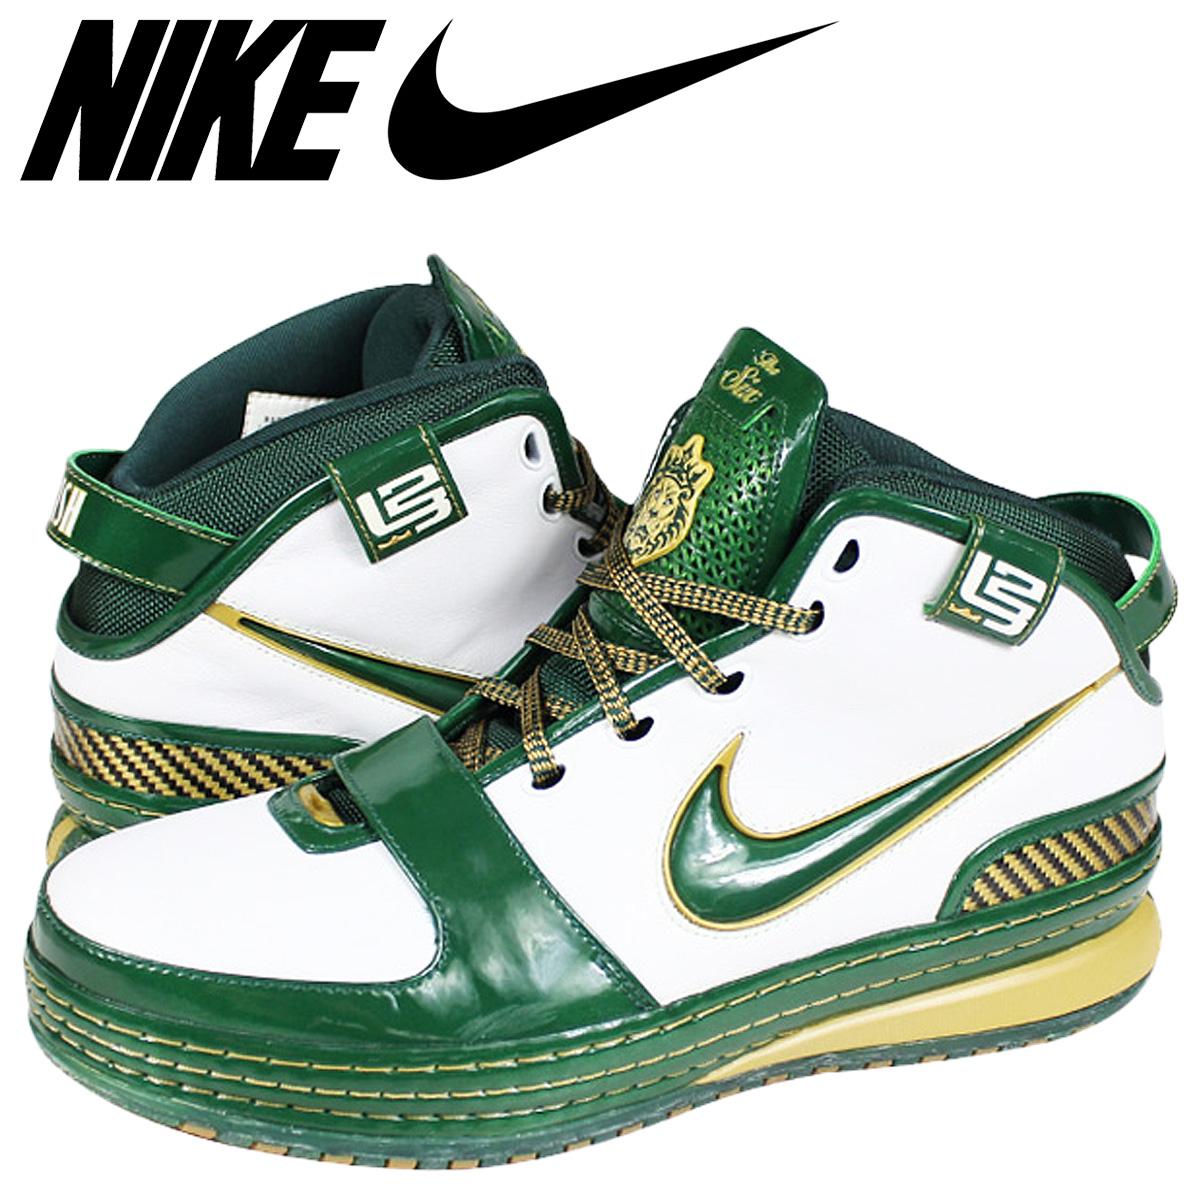 d0f60477f6f ALLSPORTS  Nike NIKE zoom LeBron sneaker ZOOM LEBRON 6 SVSM 346526 ...